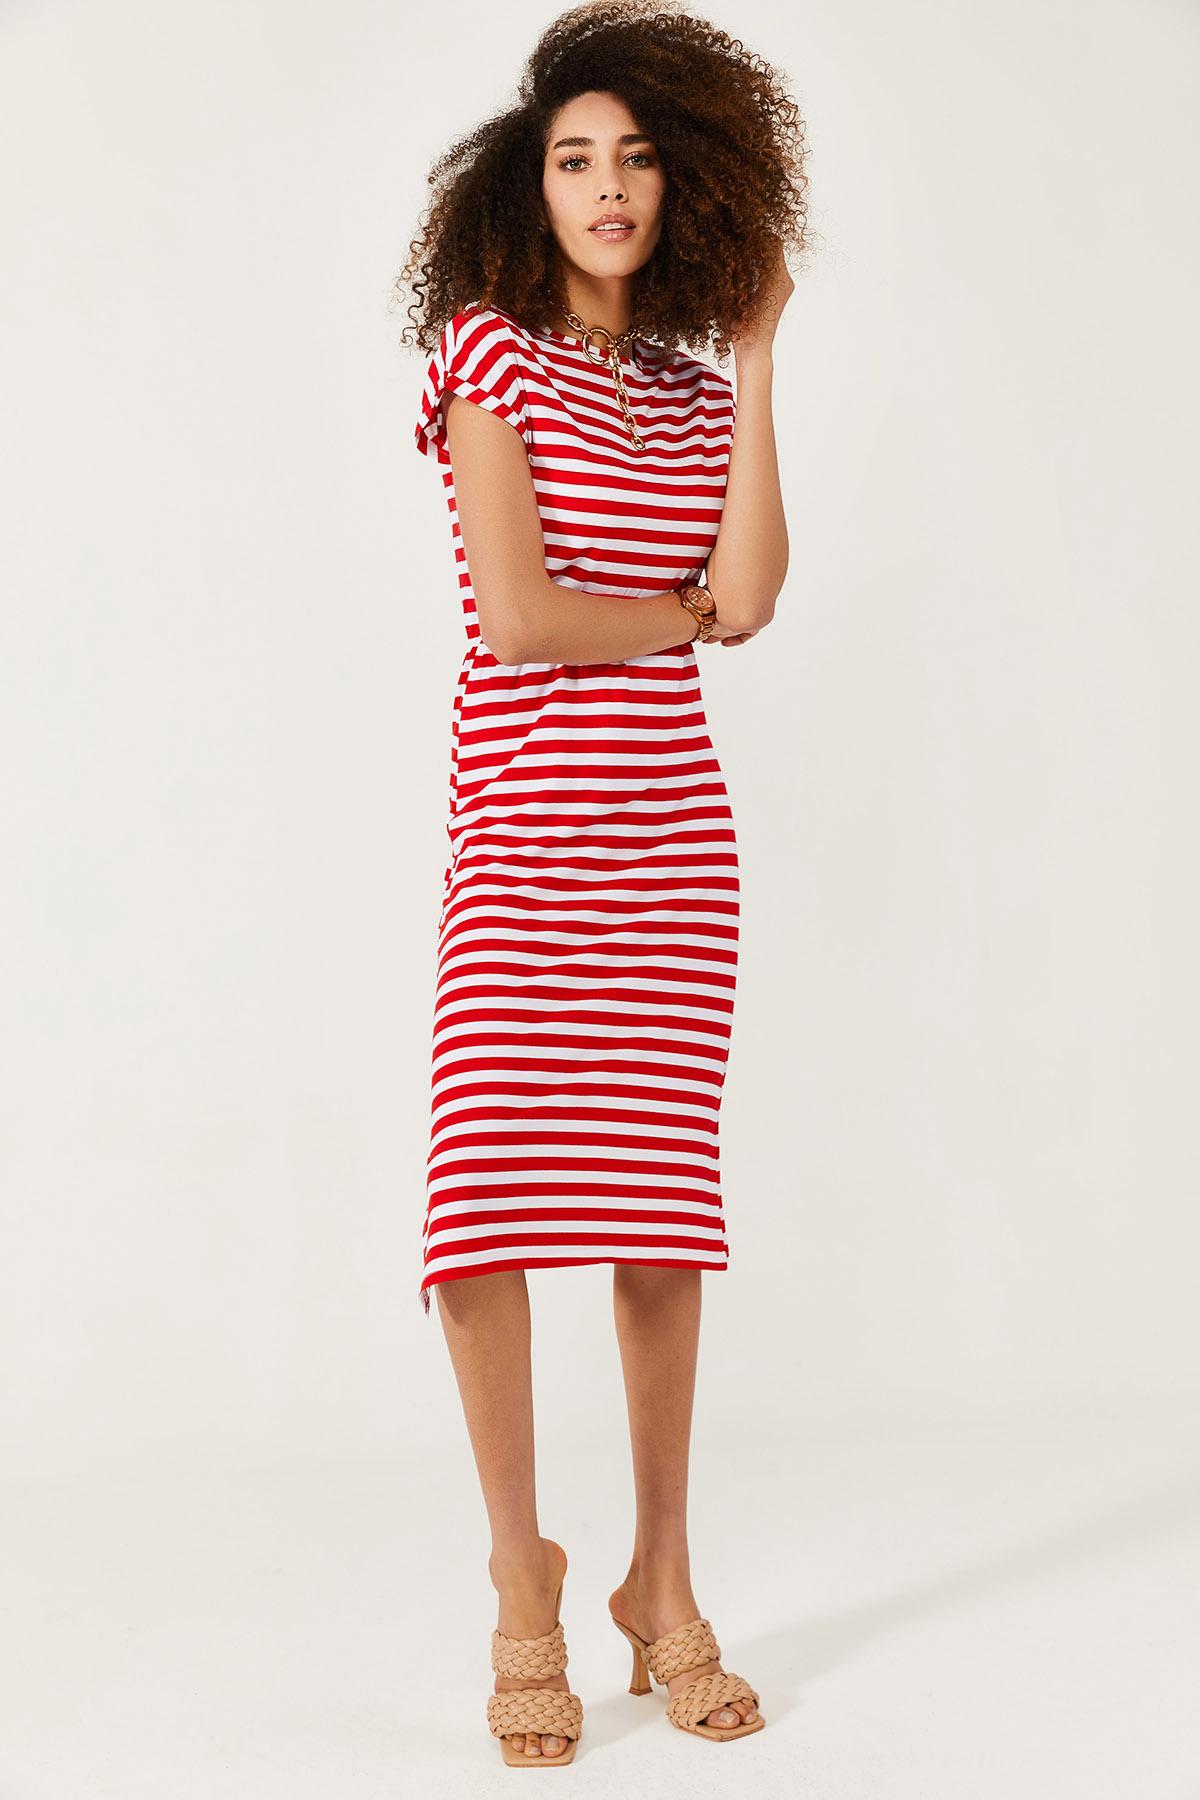 XHAN - Beyaz & Kırmızı Yumuşak Dokulu Esnek Yırtmaçlı Elbise 1KXK6-44569-80